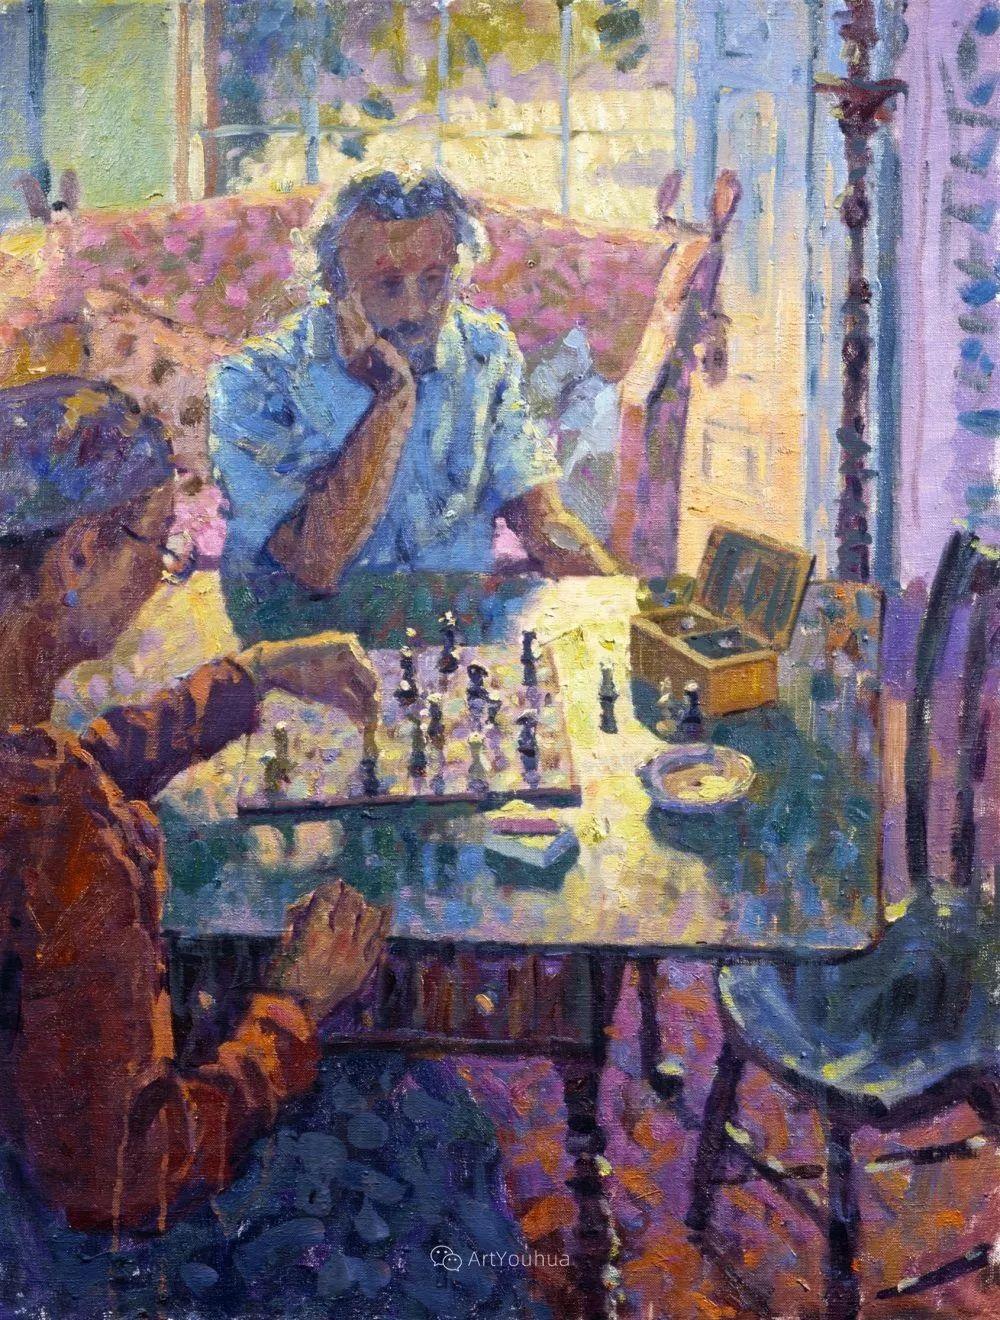 色彩和阳光的交响曲,英国著名浪漫主义画家:雨果·格伦维尔 150幅插图24